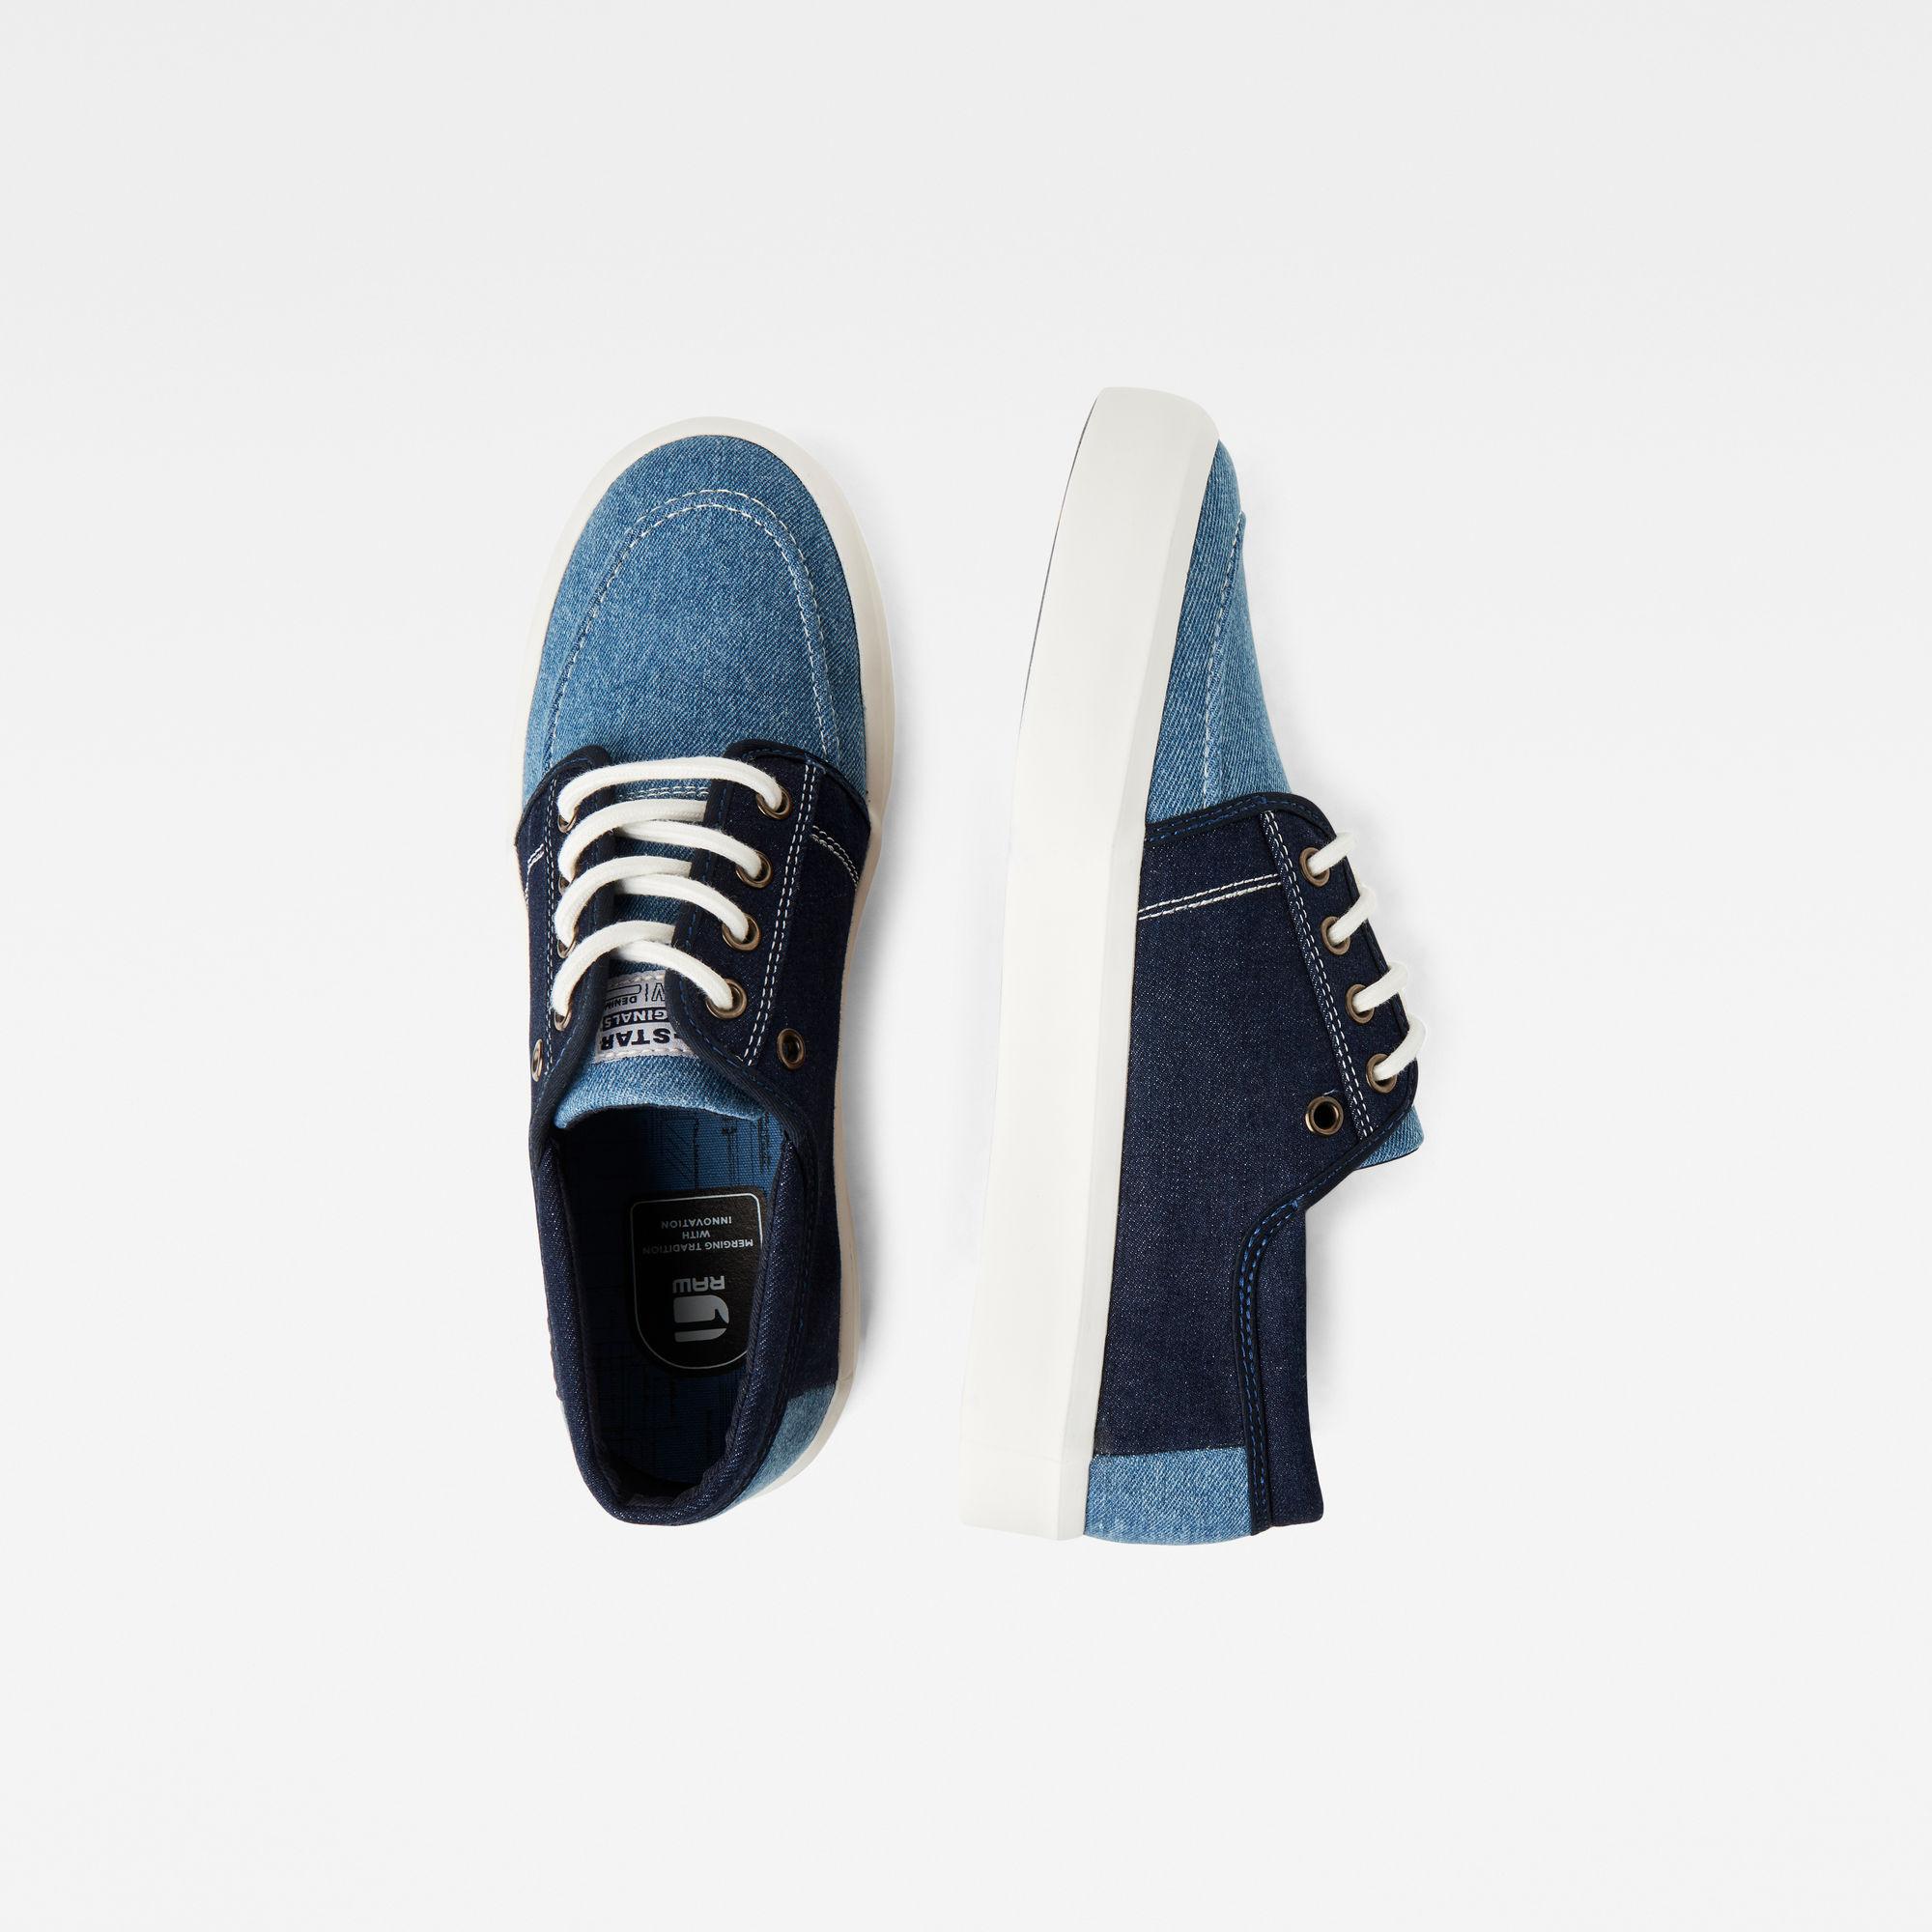 Strett Boat Sneakers